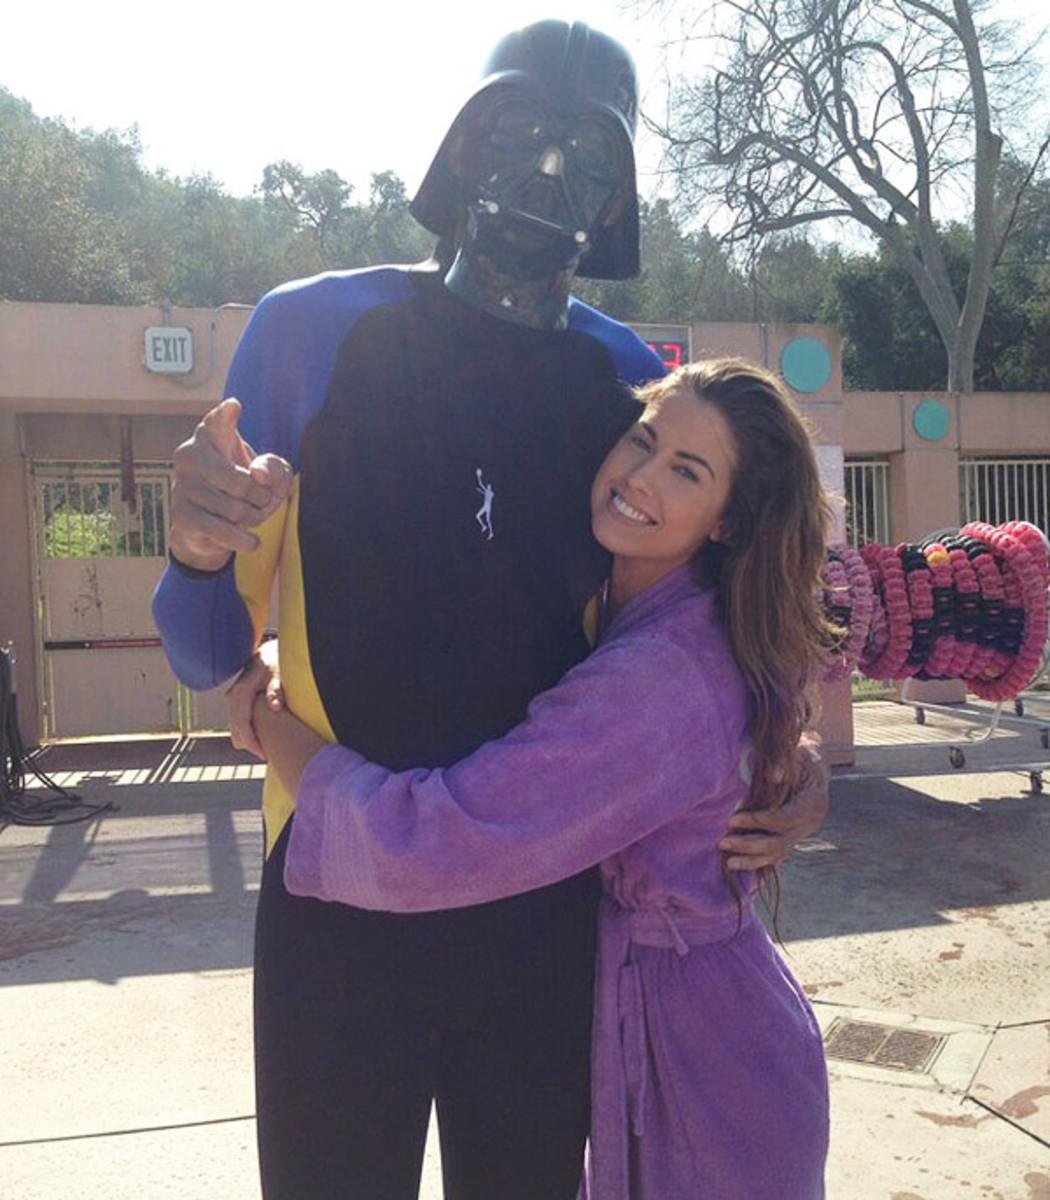 Kareem Abdul-Jabbar and Katherine Webb :: @kaj33